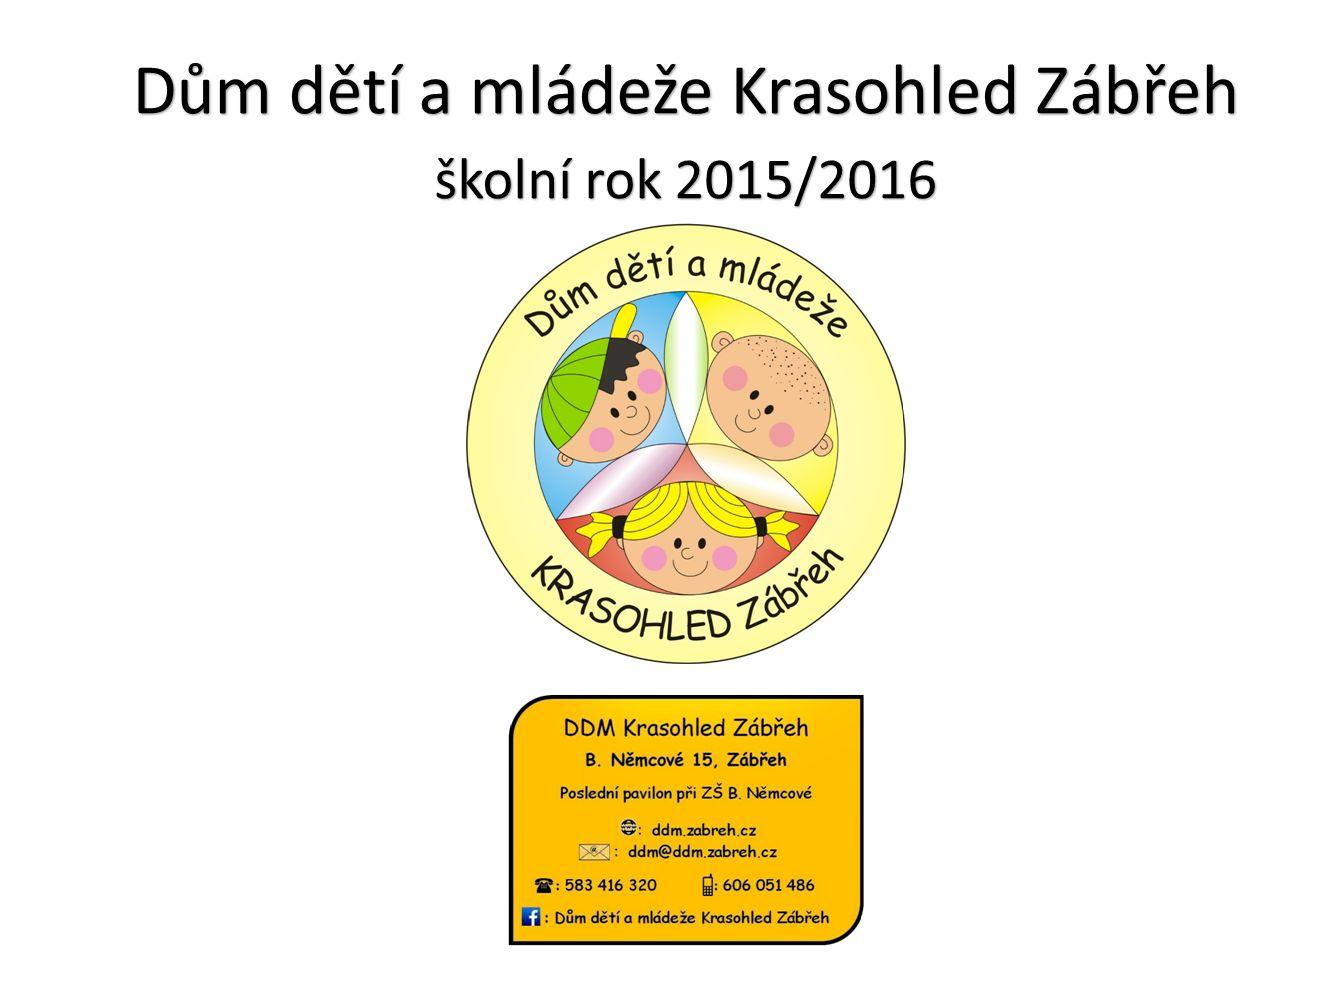 Dům dětí a mládeže Krasohled Zábřeh je školským zařízením pro mimoškolní a zájmové vzdělávání a volnočasové aktivity.